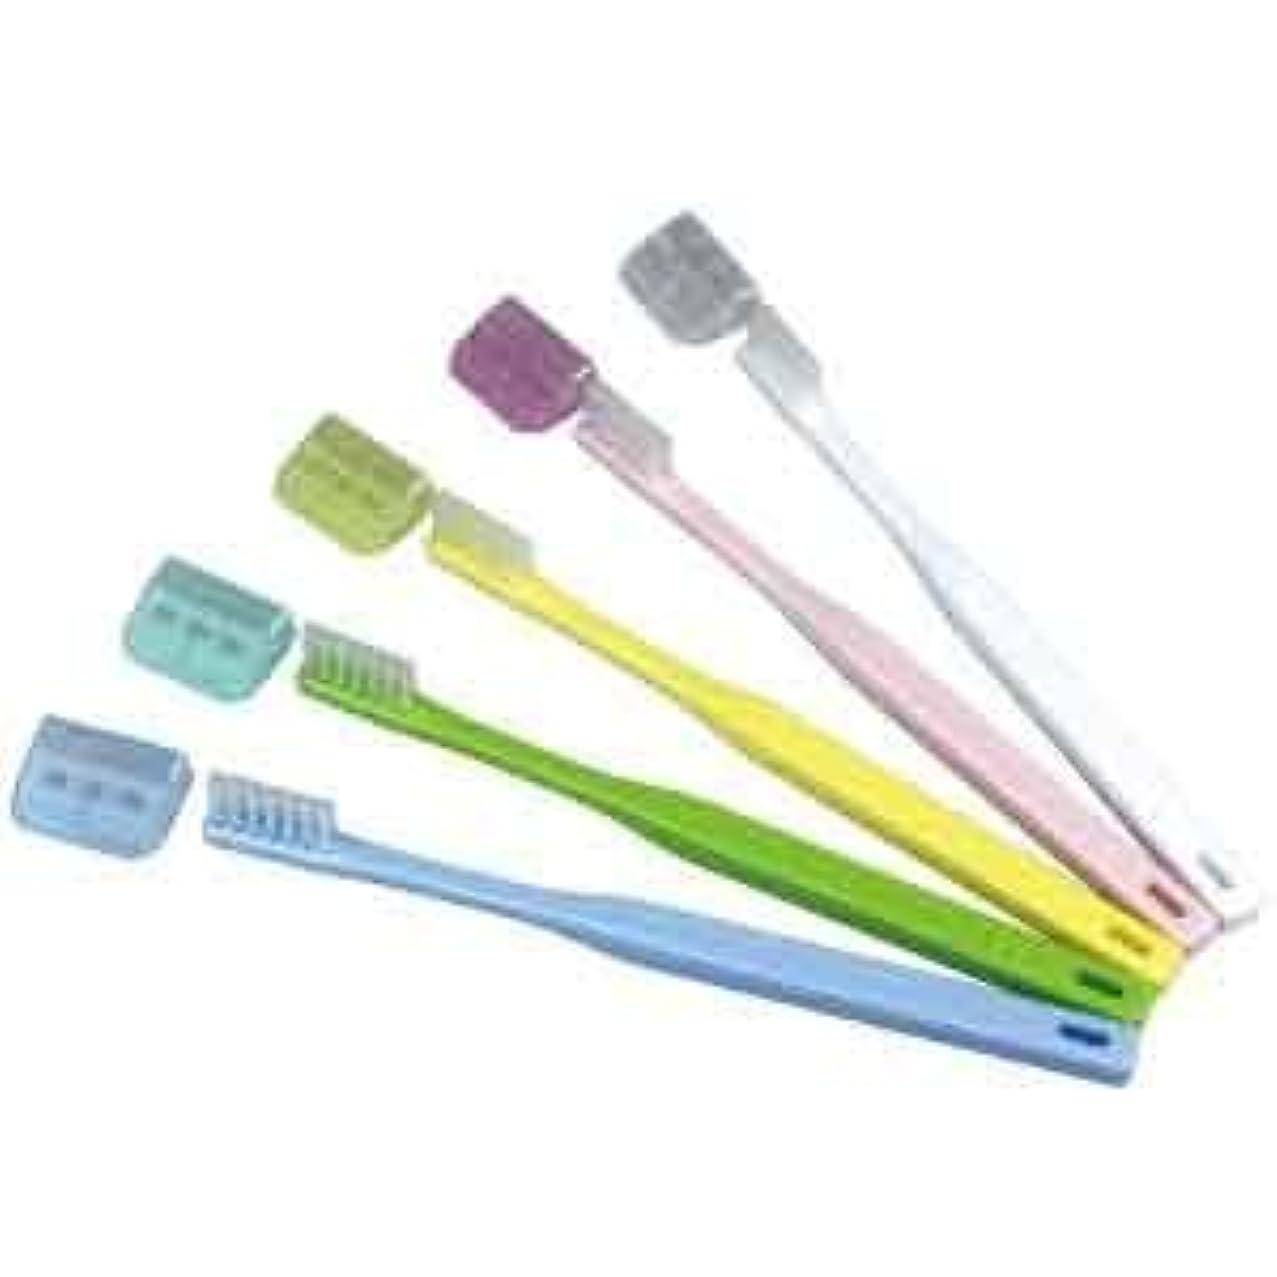 煙憂慮すべきハイランドV-7 歯ブラシ ふつう レギュラーヘッド/10本入り